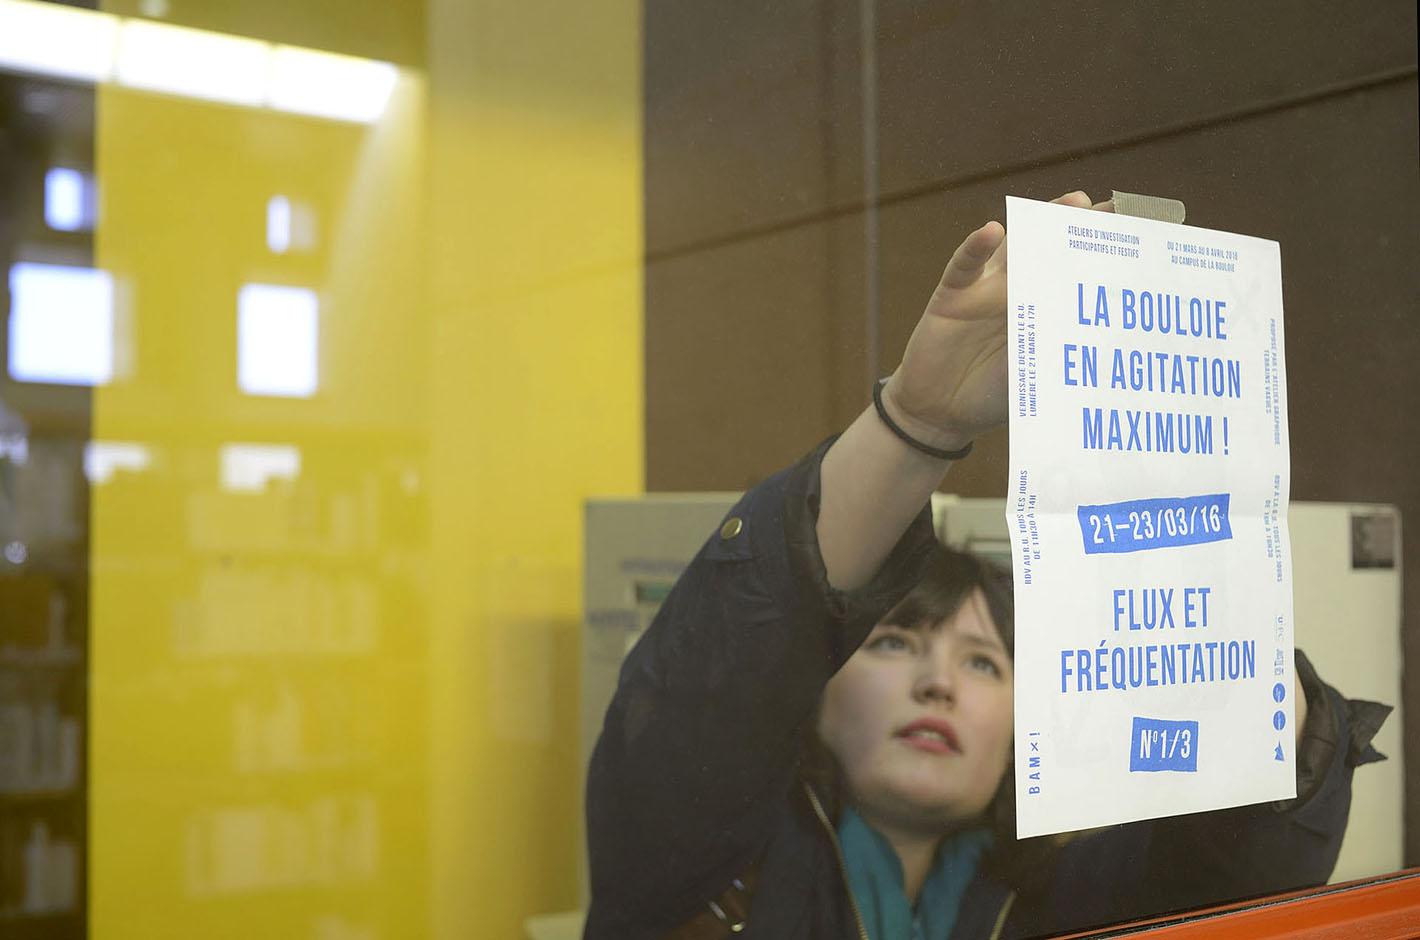 BAM ! La Bouloie en Agitation Maximum - Besançon - Campus de la Bouloie - accrochage affiche